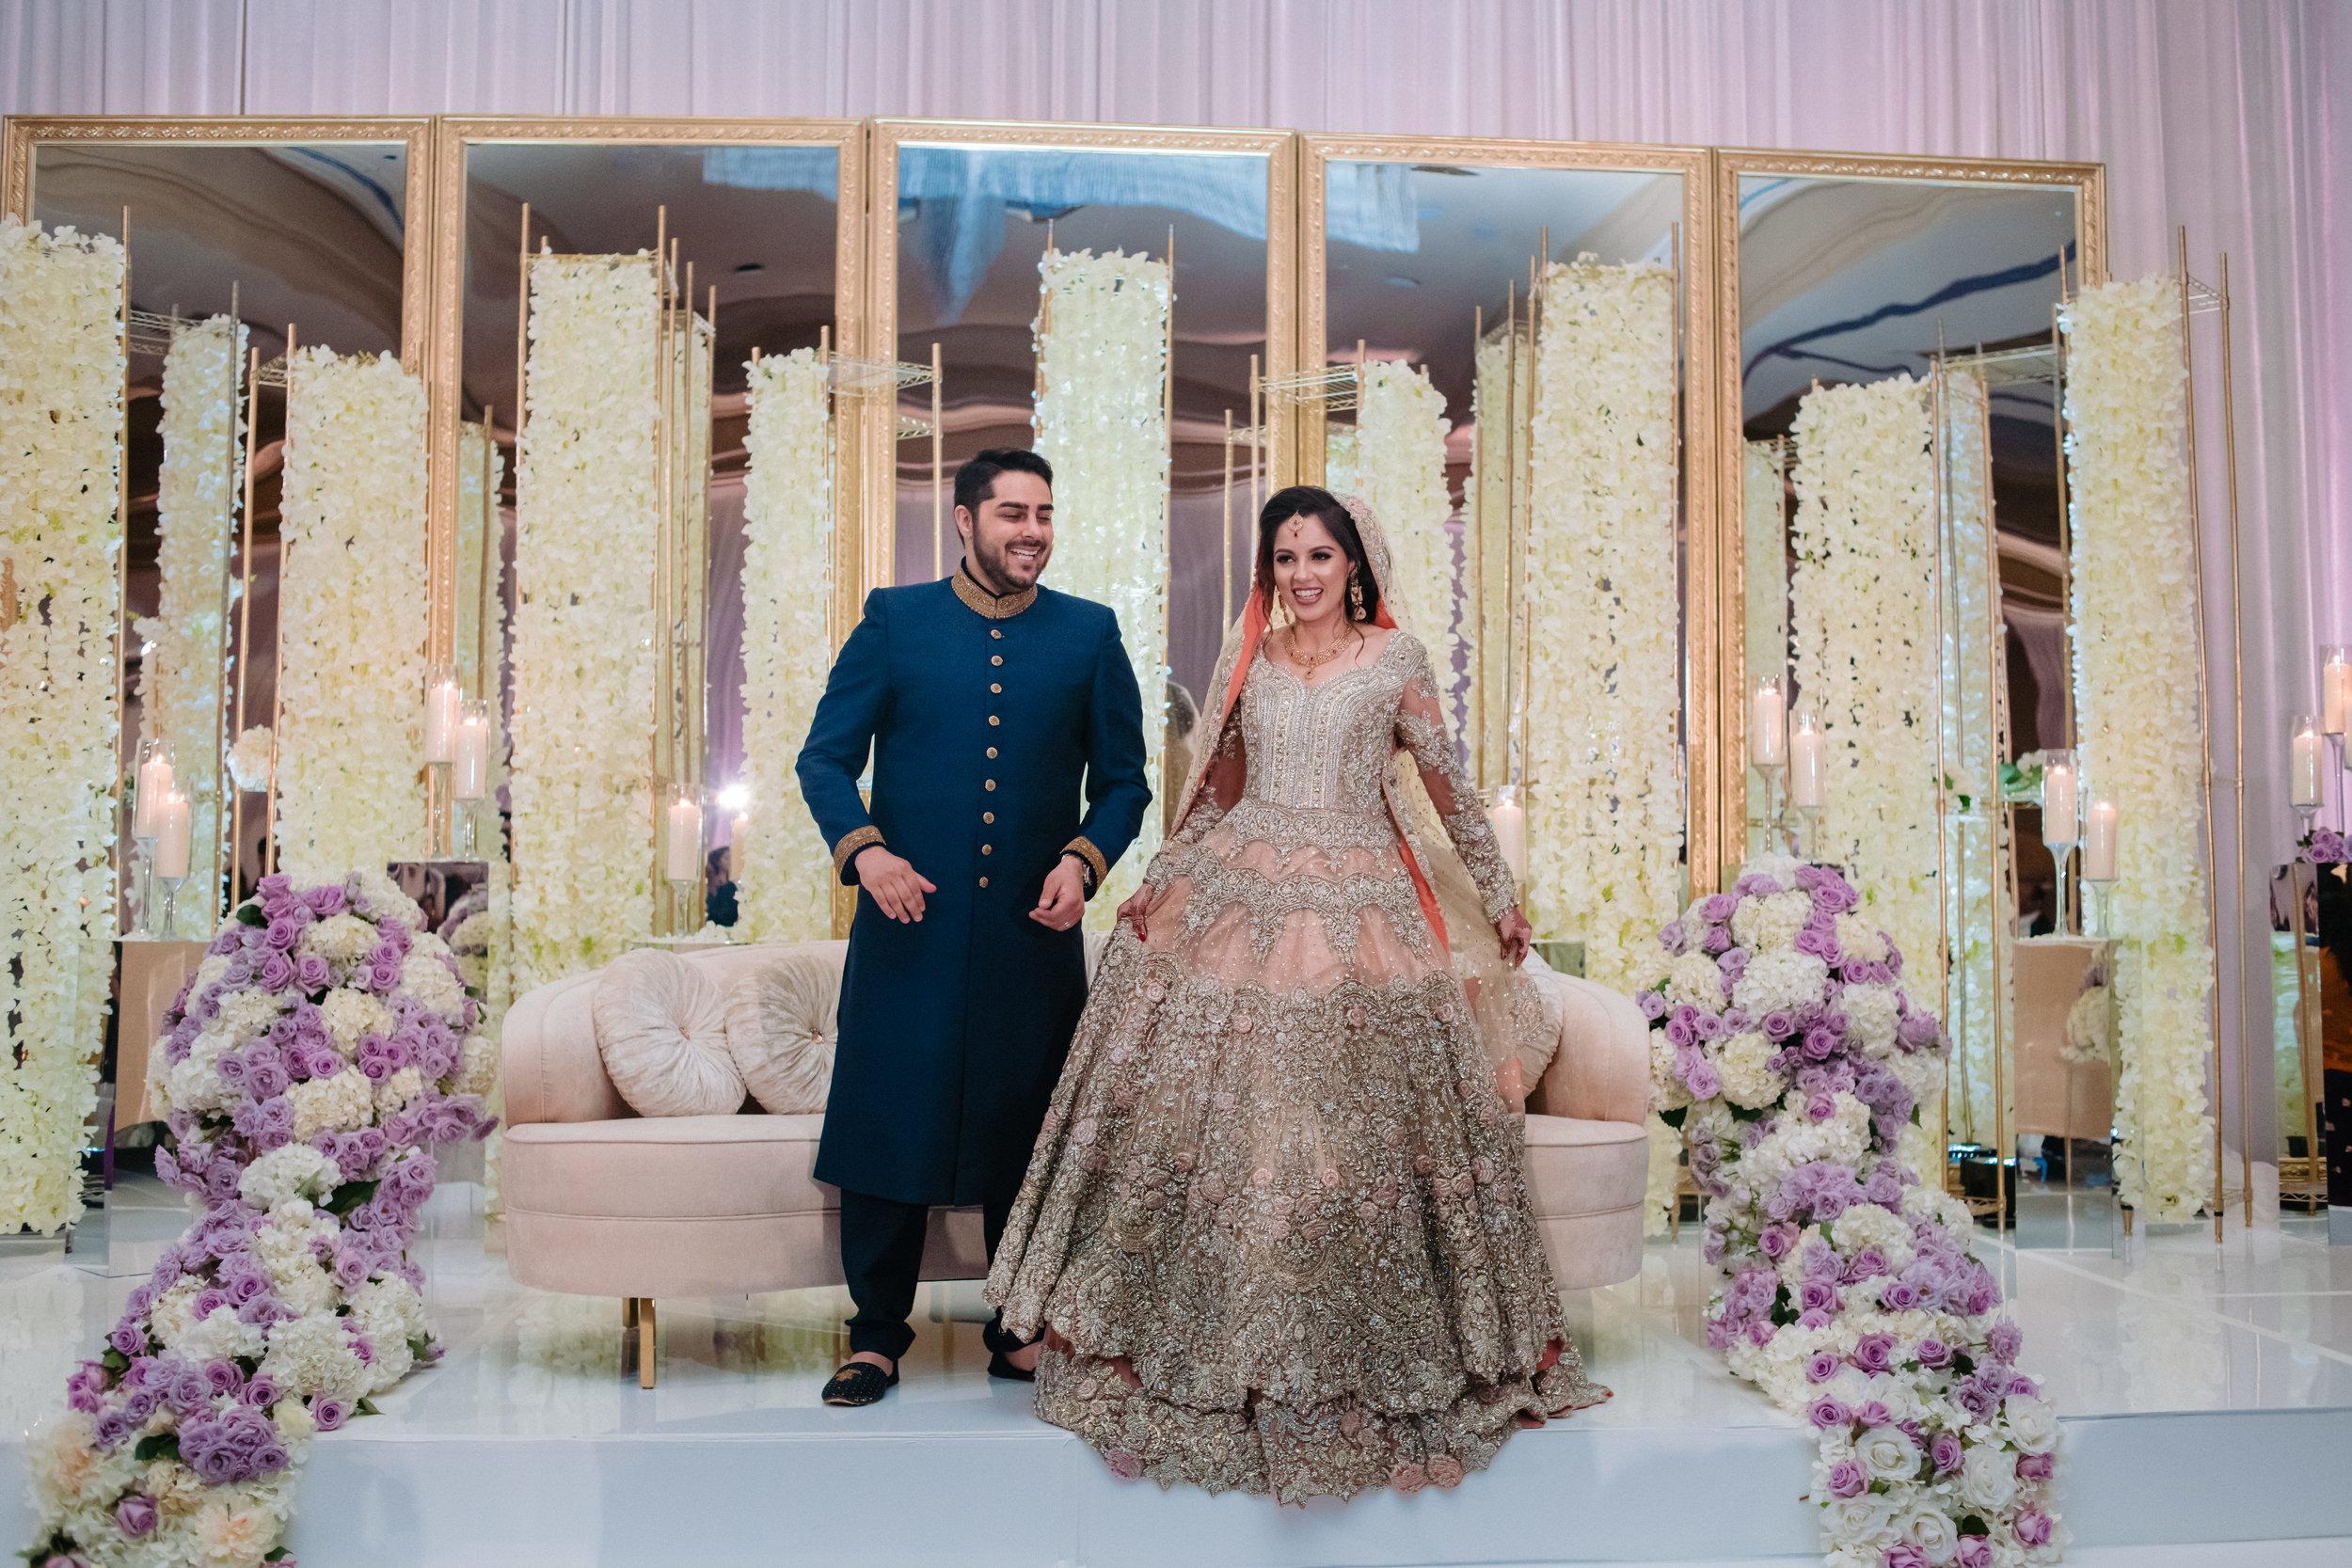 INDIAN WEDDING GROOM AND BRIDE.jpg